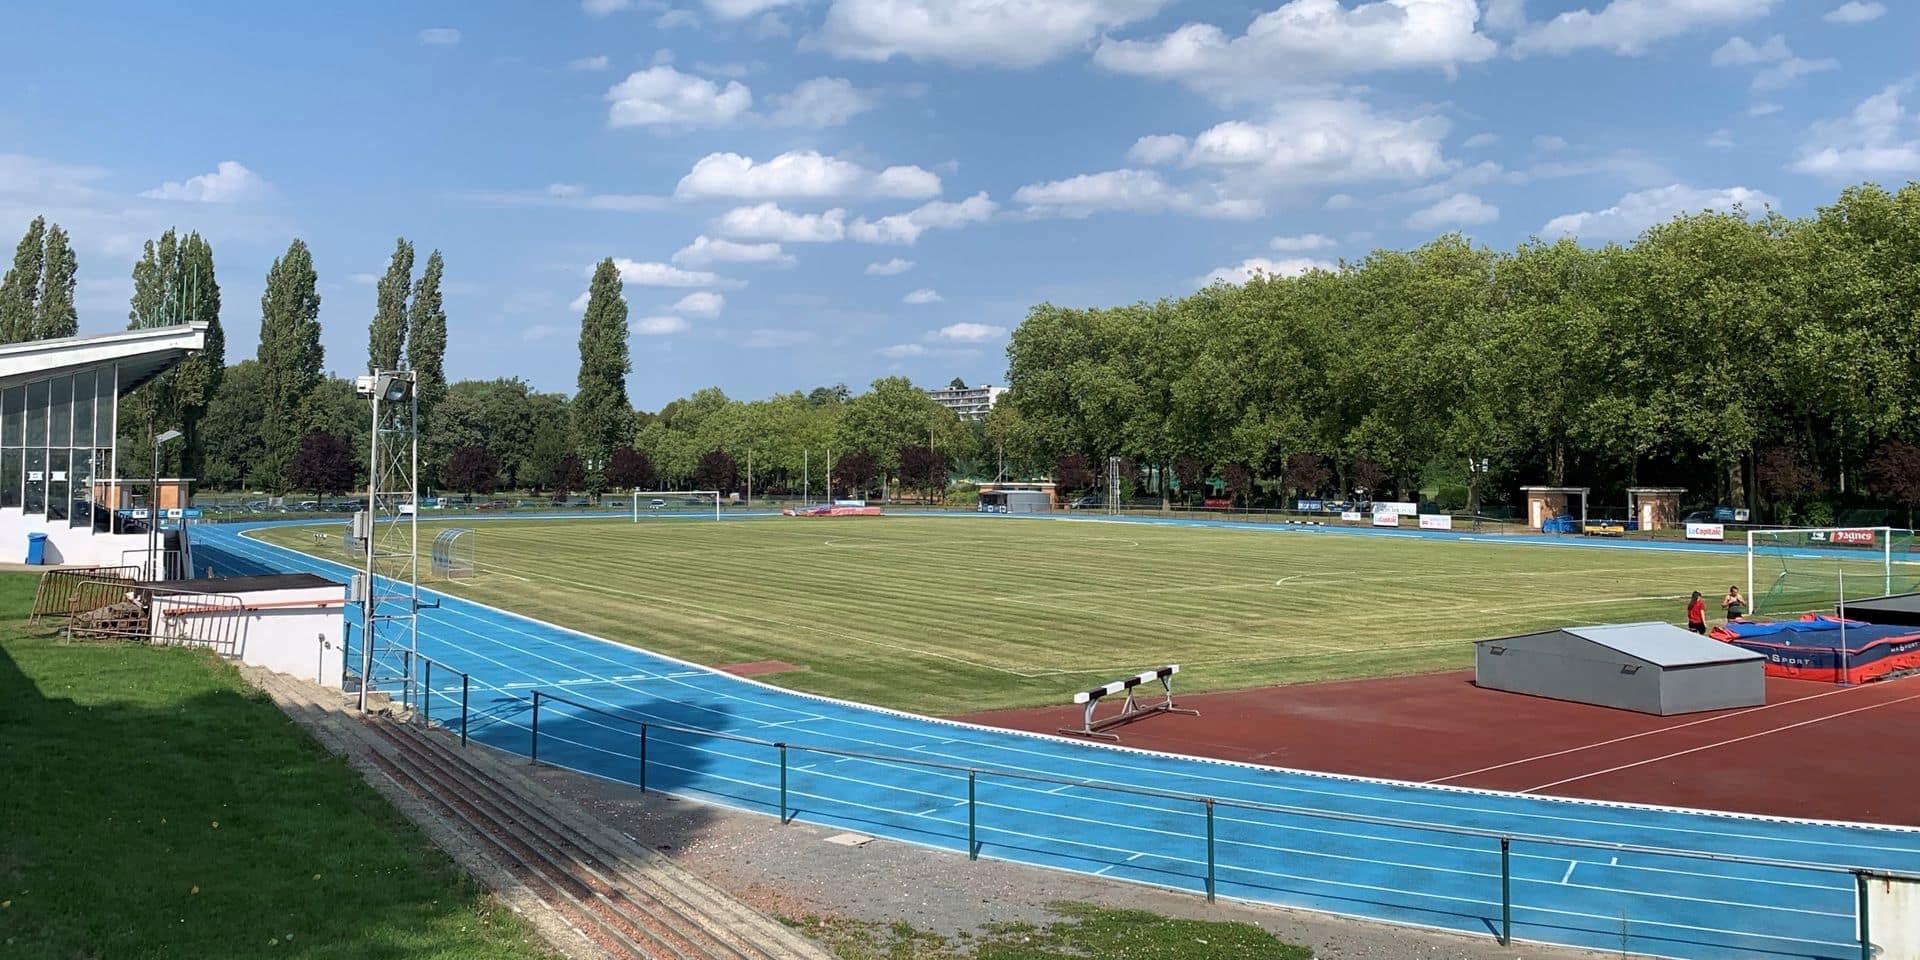 Trop de vandalisme dans les infrastructures sportives de la Dodaine à Nivelles